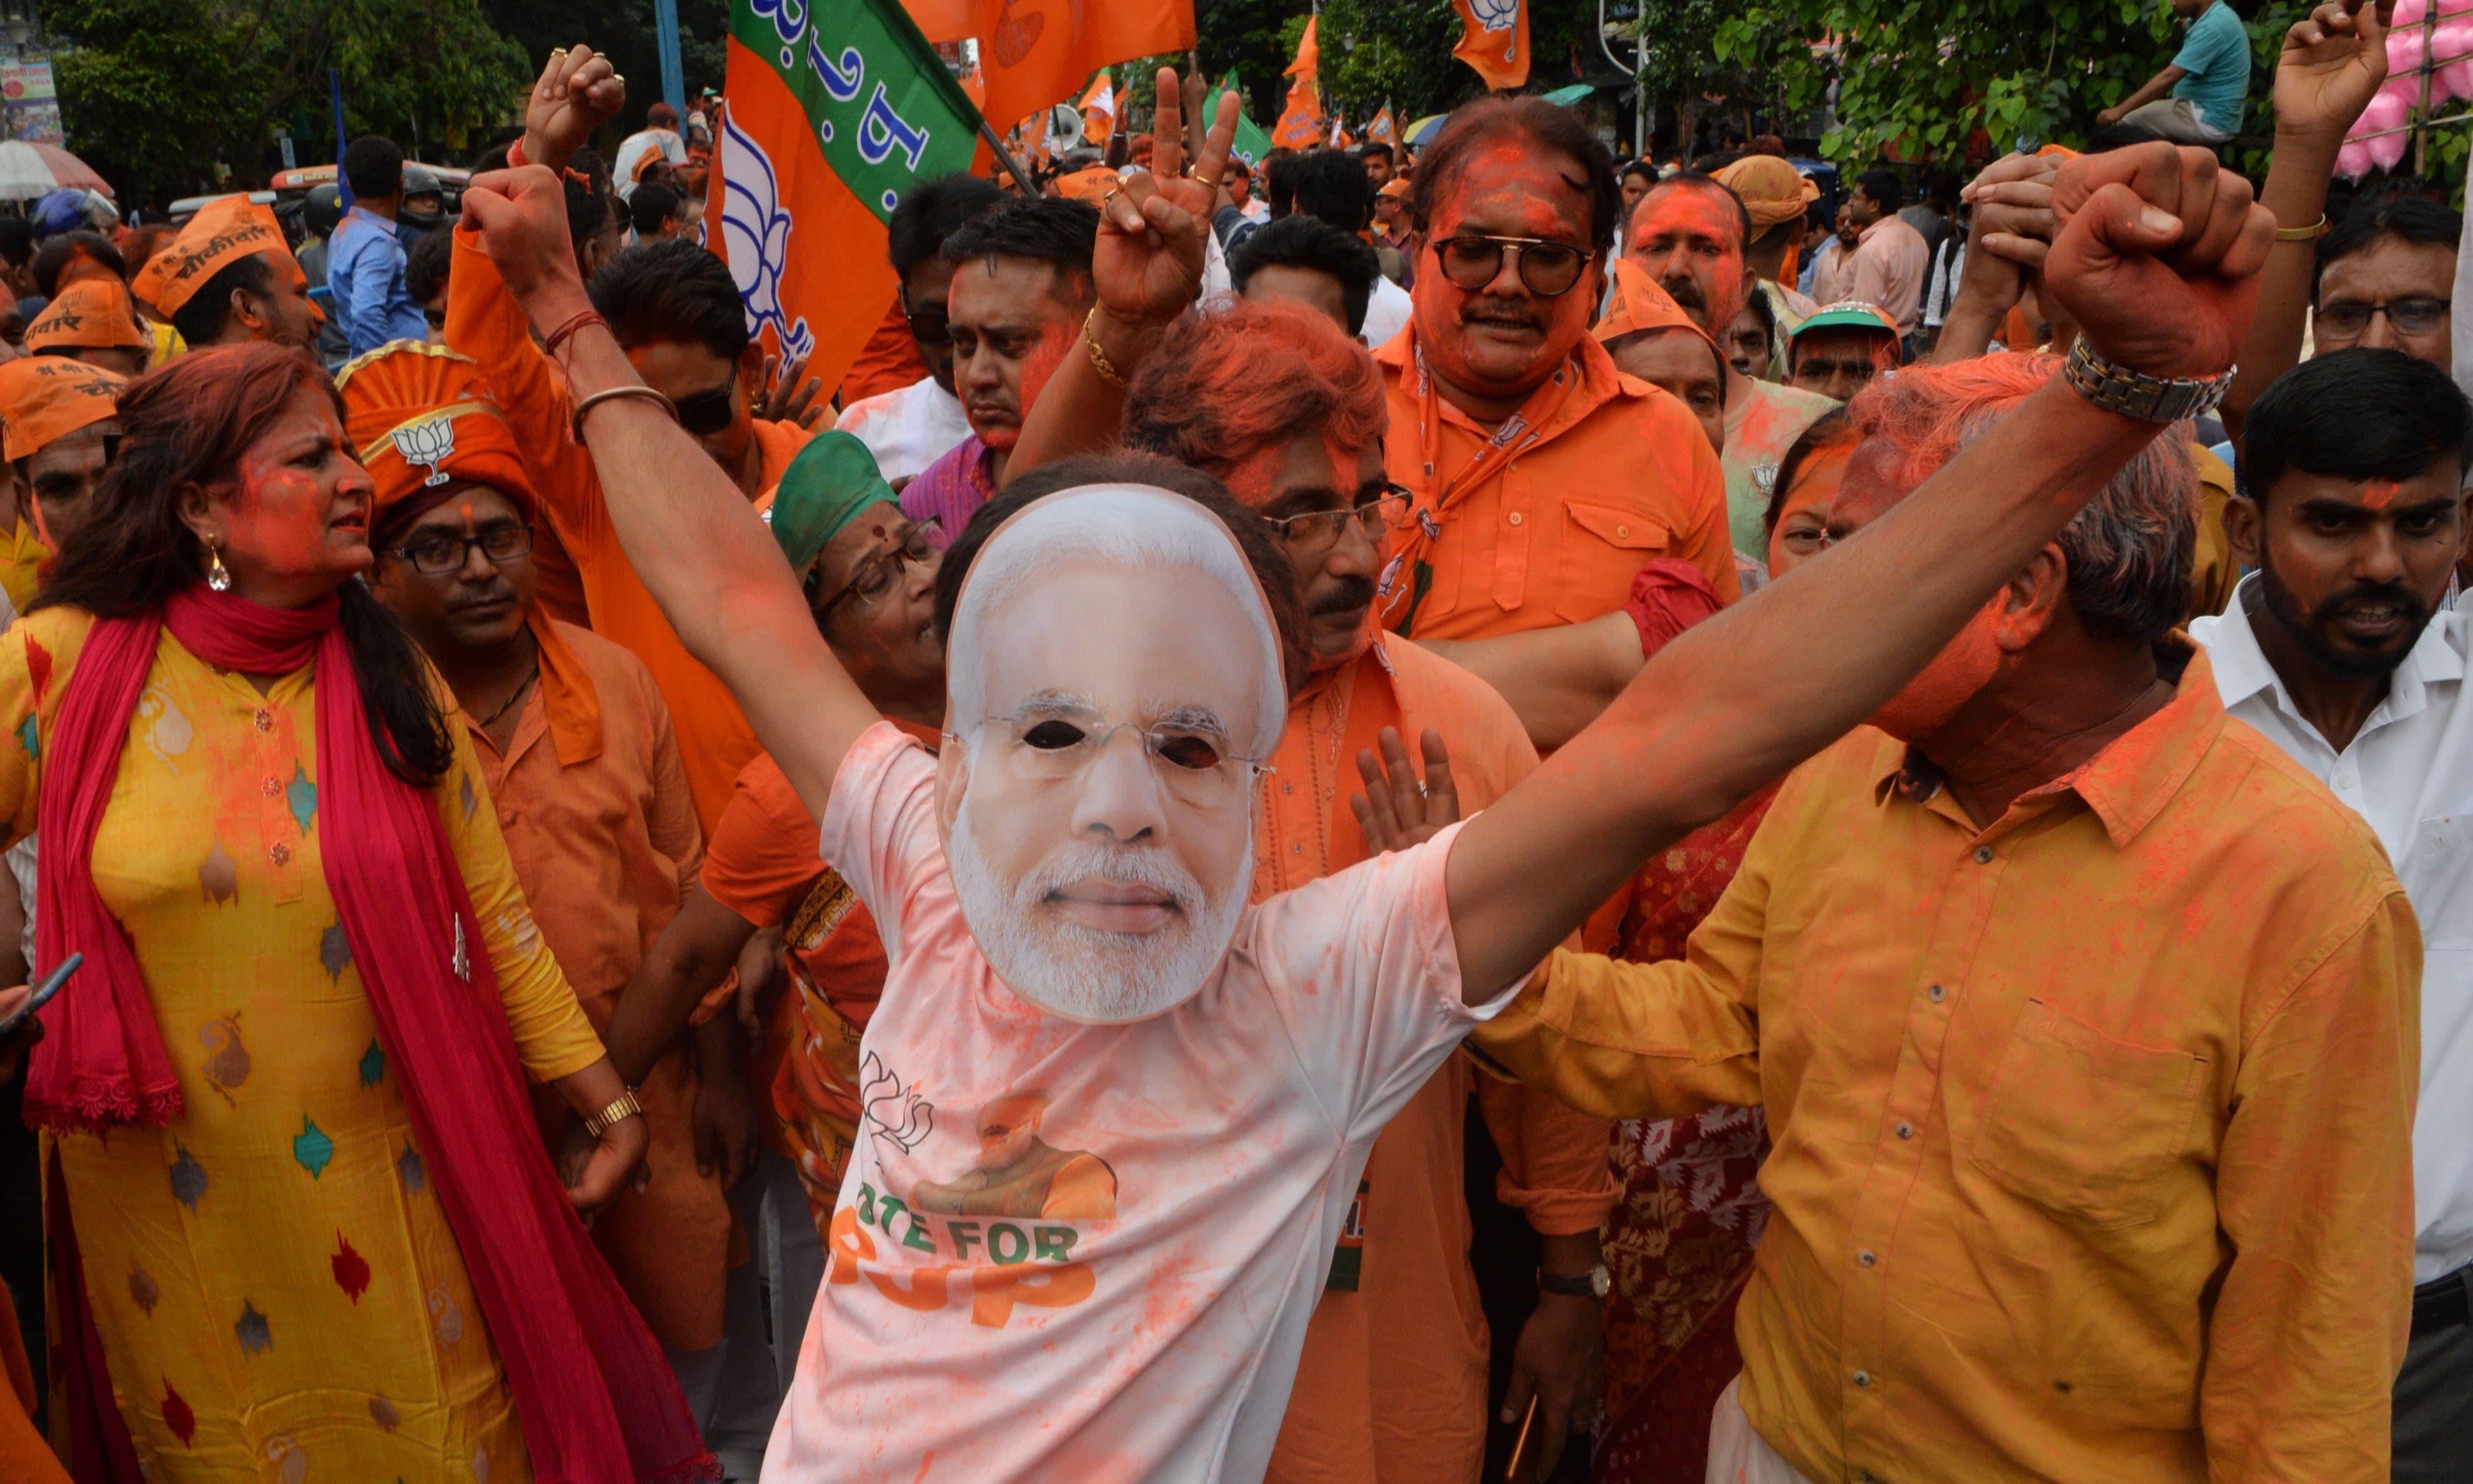 لوک سبھا انتخابات میں کامیابی پر پورے بھارت میں جشن منایا گیا —فوٹو/ اے ایف پی